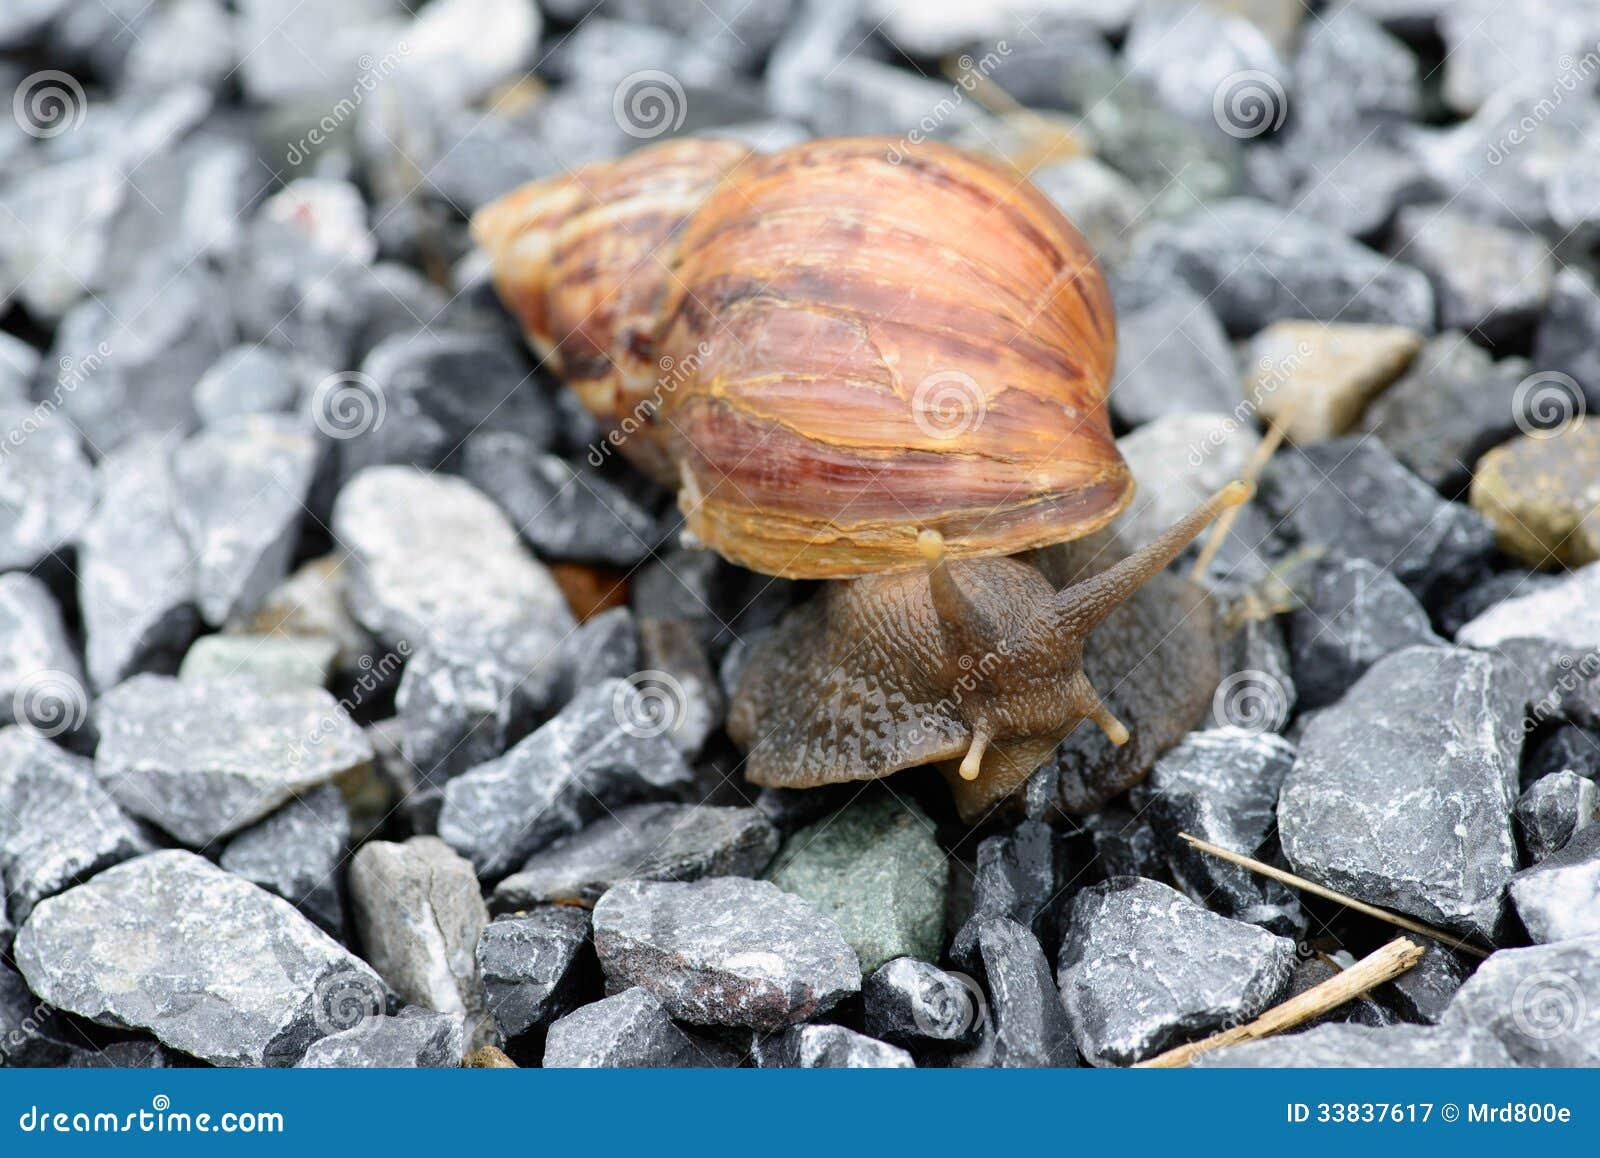 蚂蚁是蜗牛谋生跟随并且润湿你的喜欢地面.动物金服睢宁图片